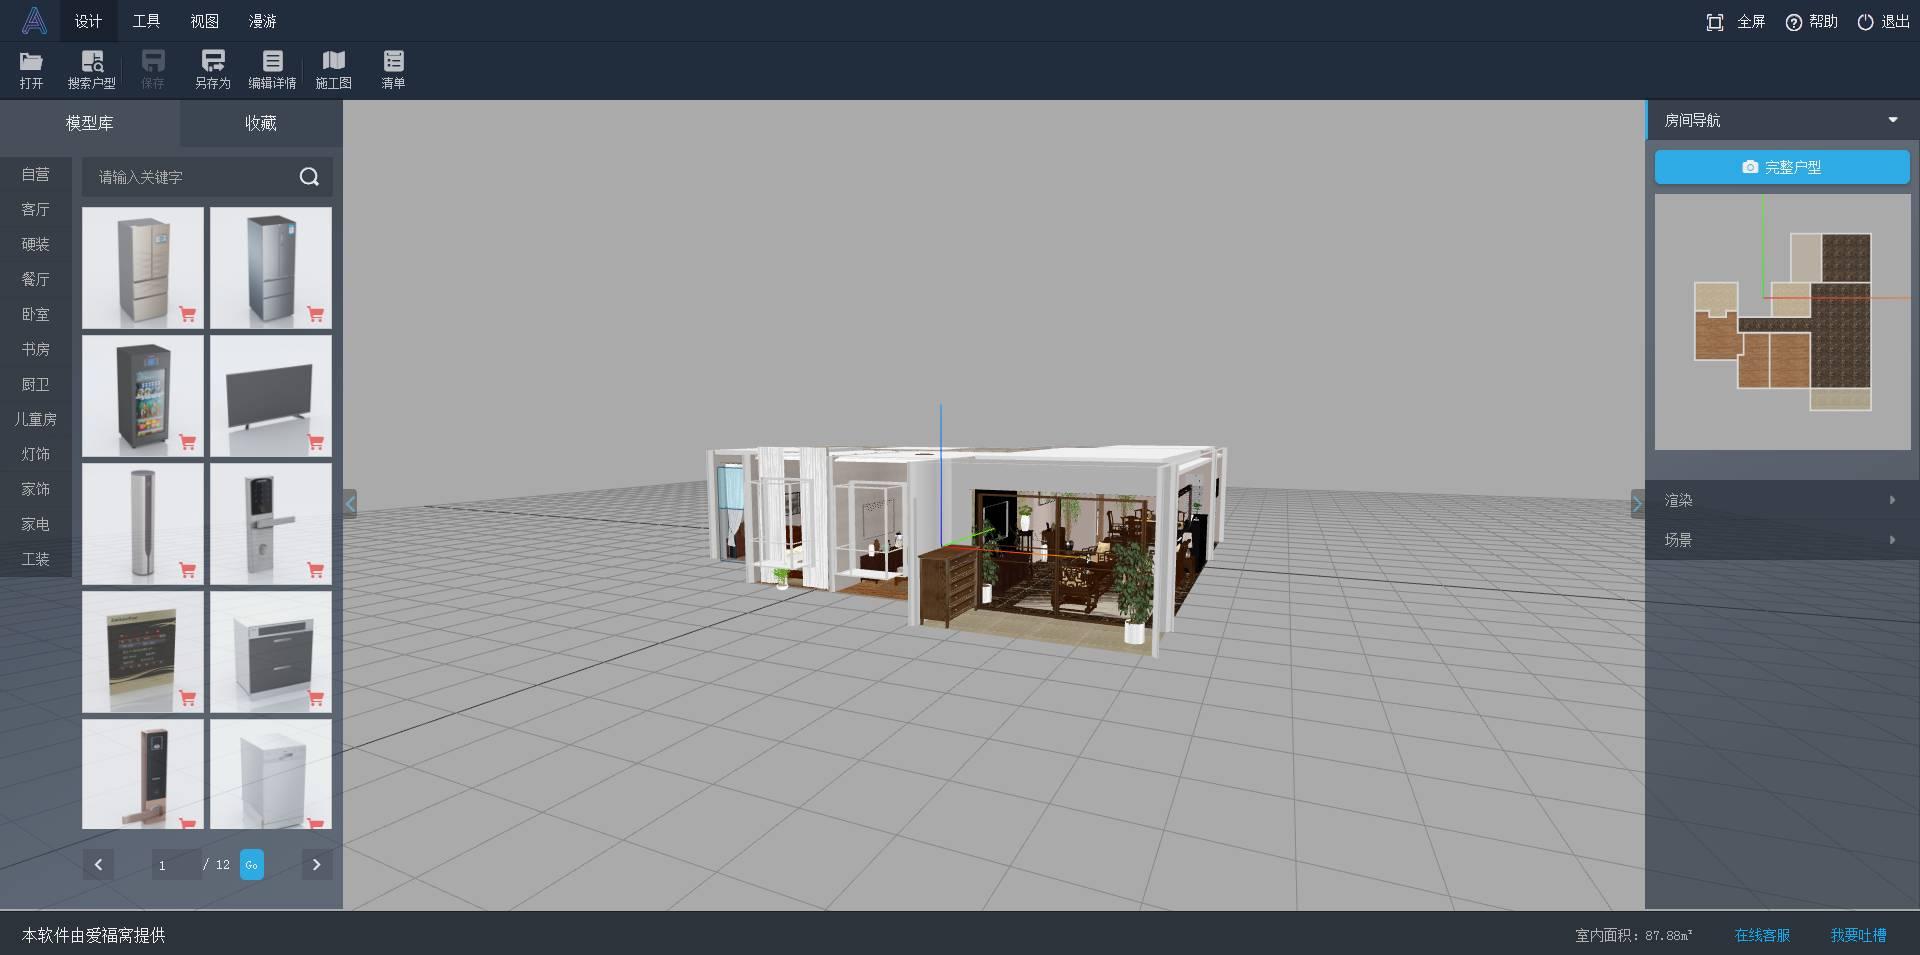 炫酷新版本:酷爱福窝云设计真3D阅读左右空出产生!